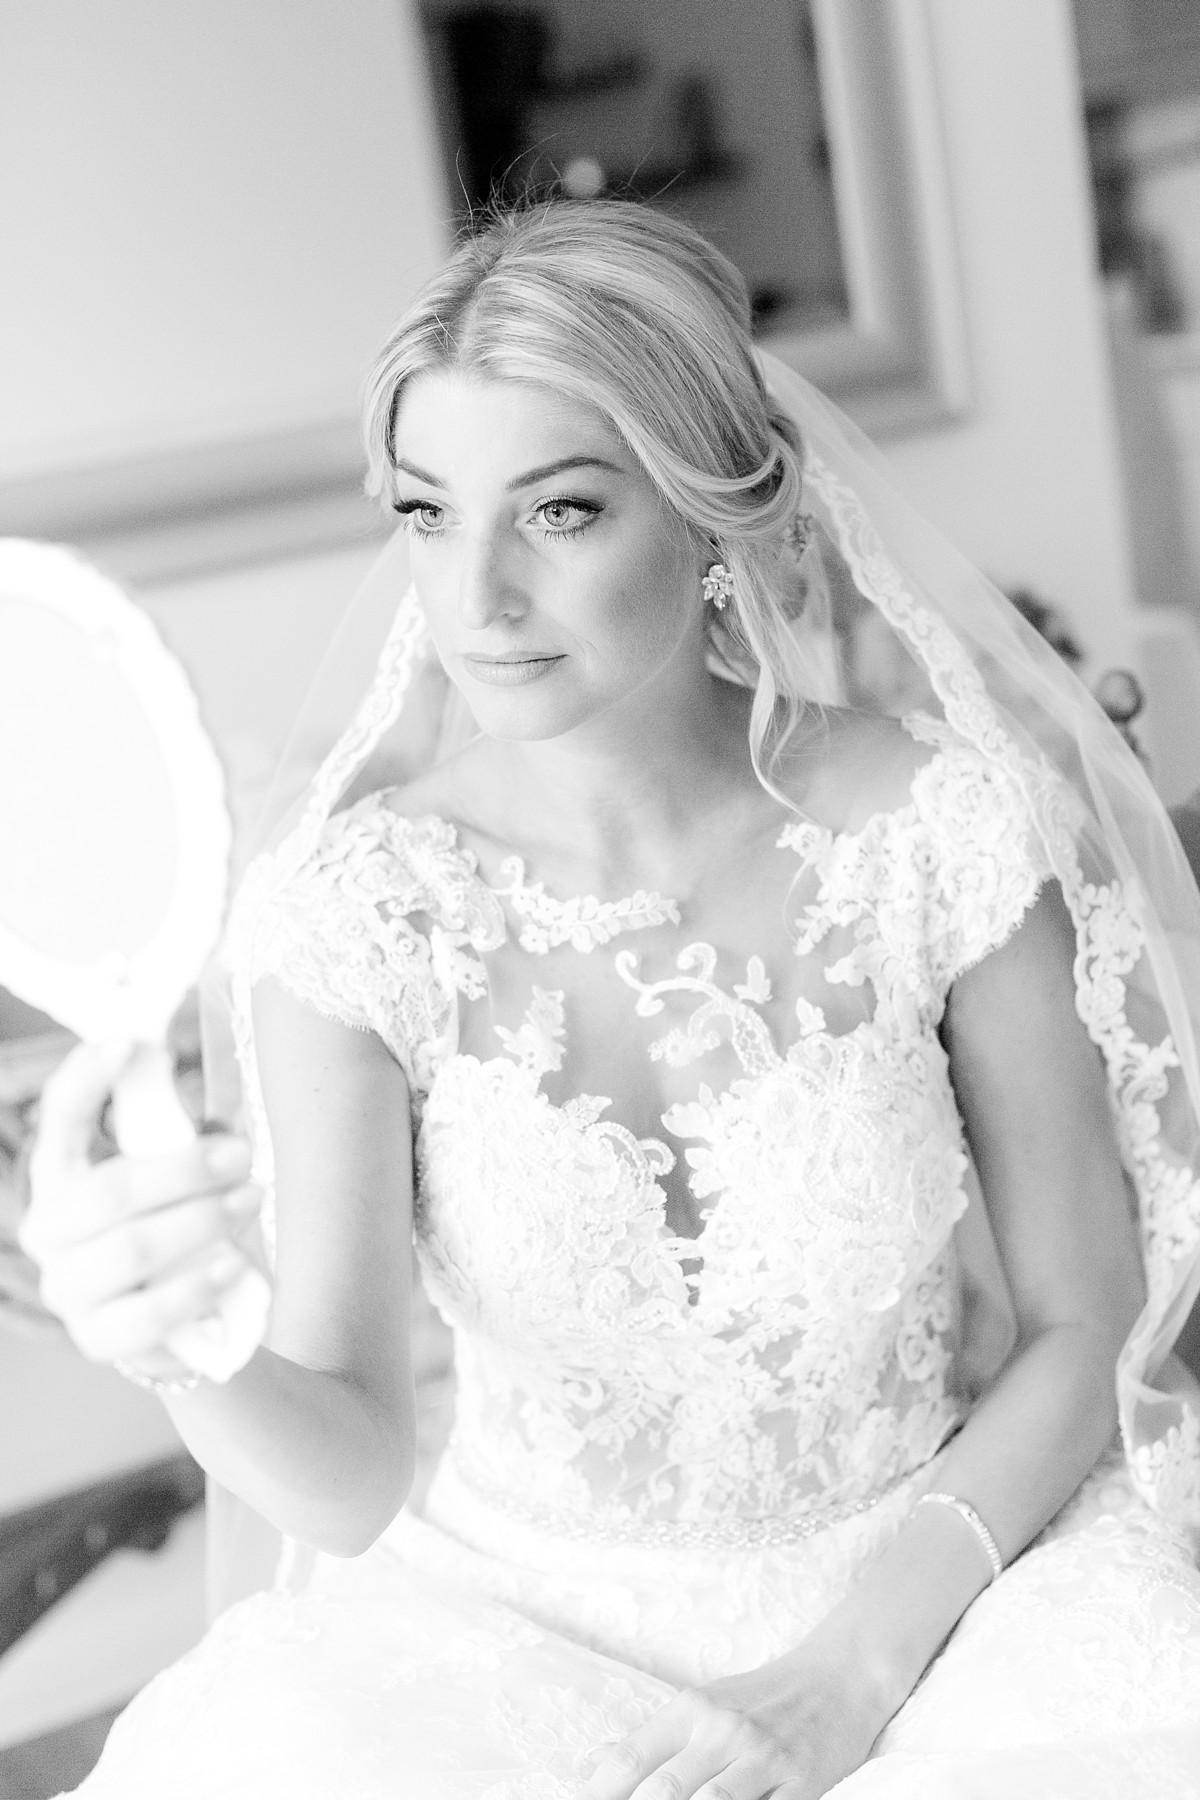 Hochzeitsfotograf-Herford-van-Laer-Fotograf-Hochzeit-Nrw_0016